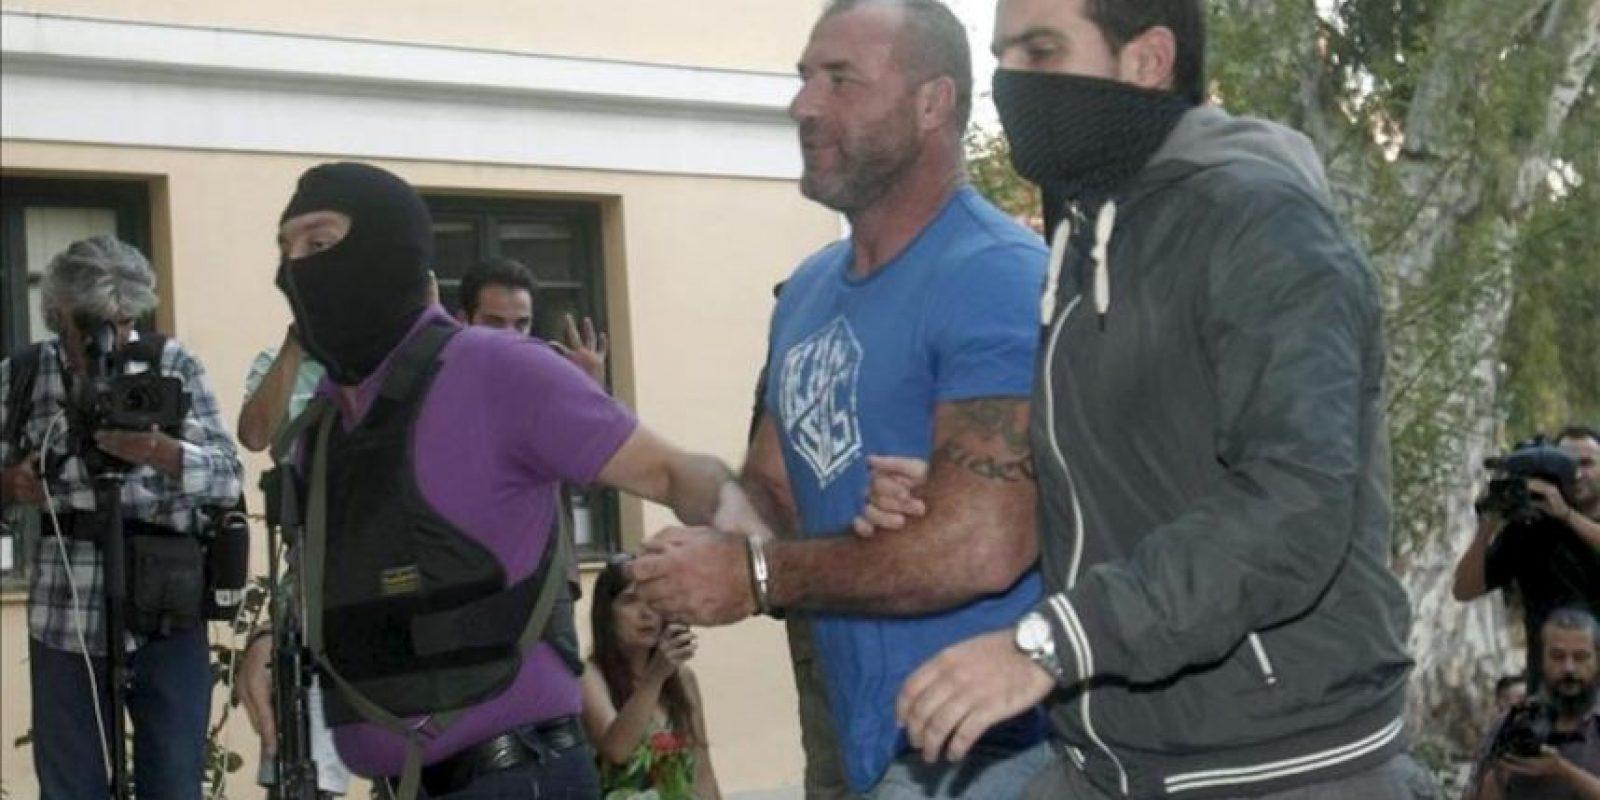 El diputado del ultra-derechista partido Amanecer Dorado Nikos Michos (C) es escoltado por policías enmascarados a la oficina del fiscal en Atenas, Grecia. EFE